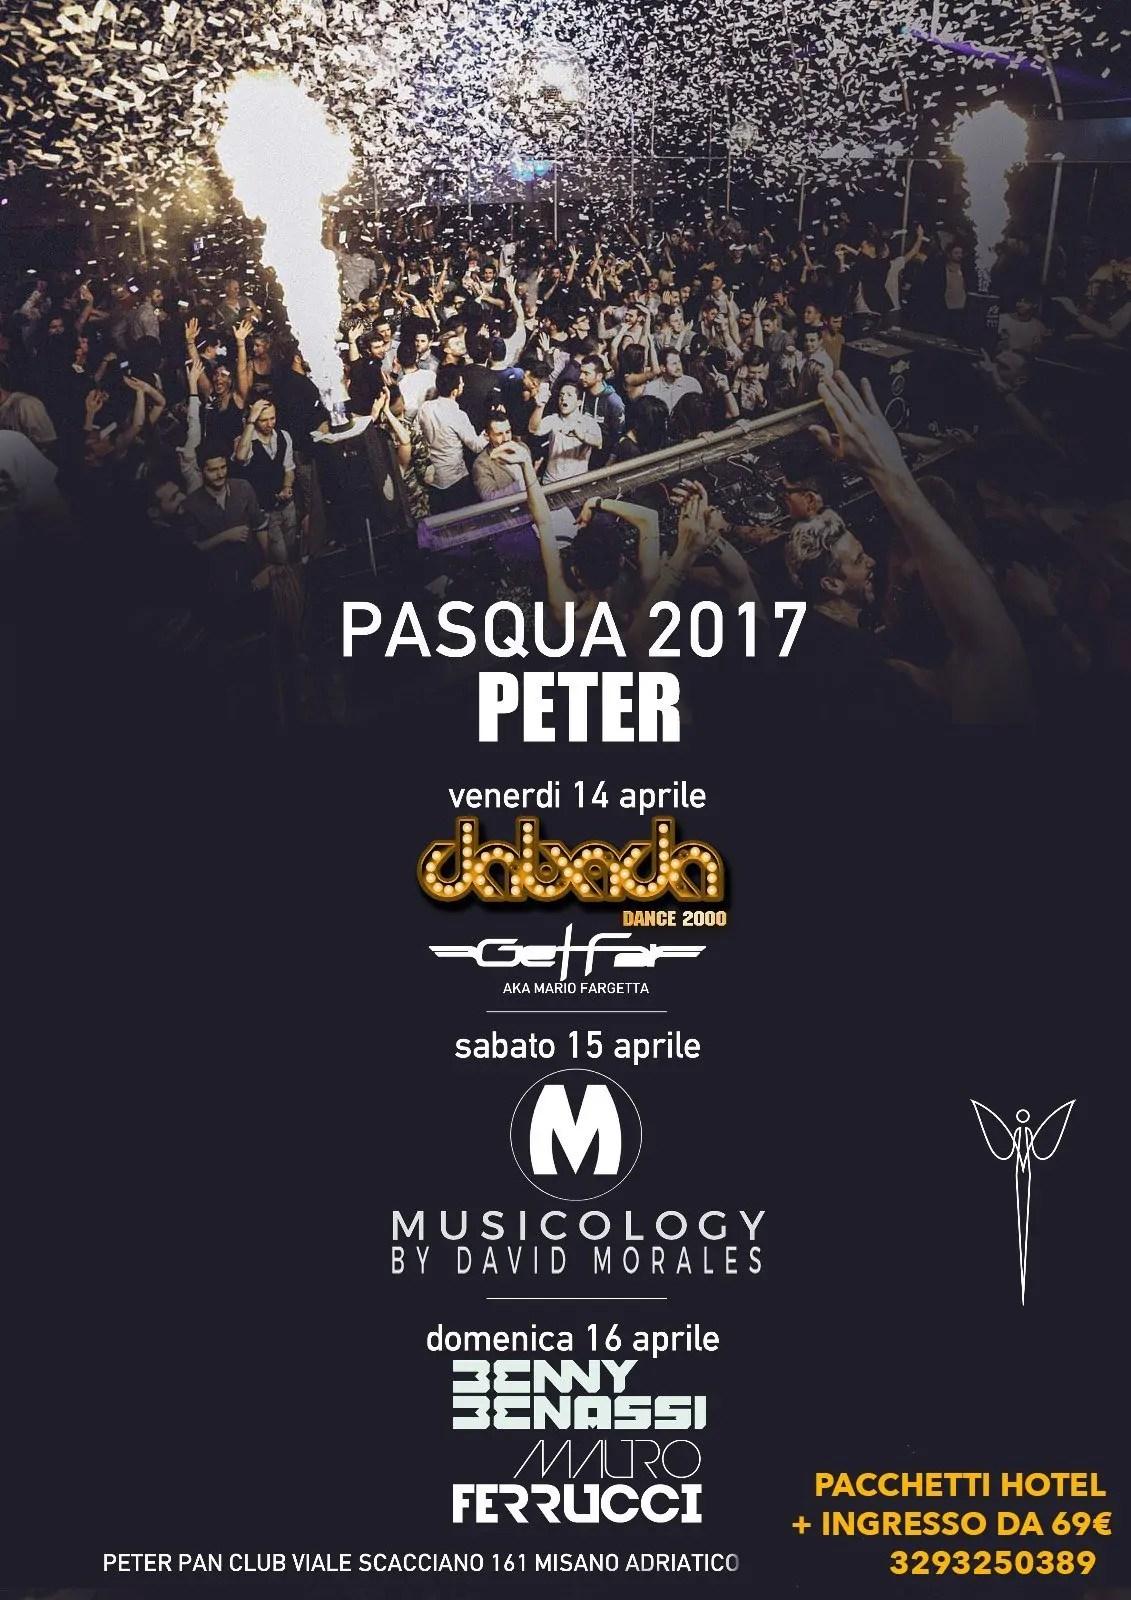 PASQUA 2017 PETER PAN RICCIONE BENNY BENASSI Prevendite Pacchetti Hotel